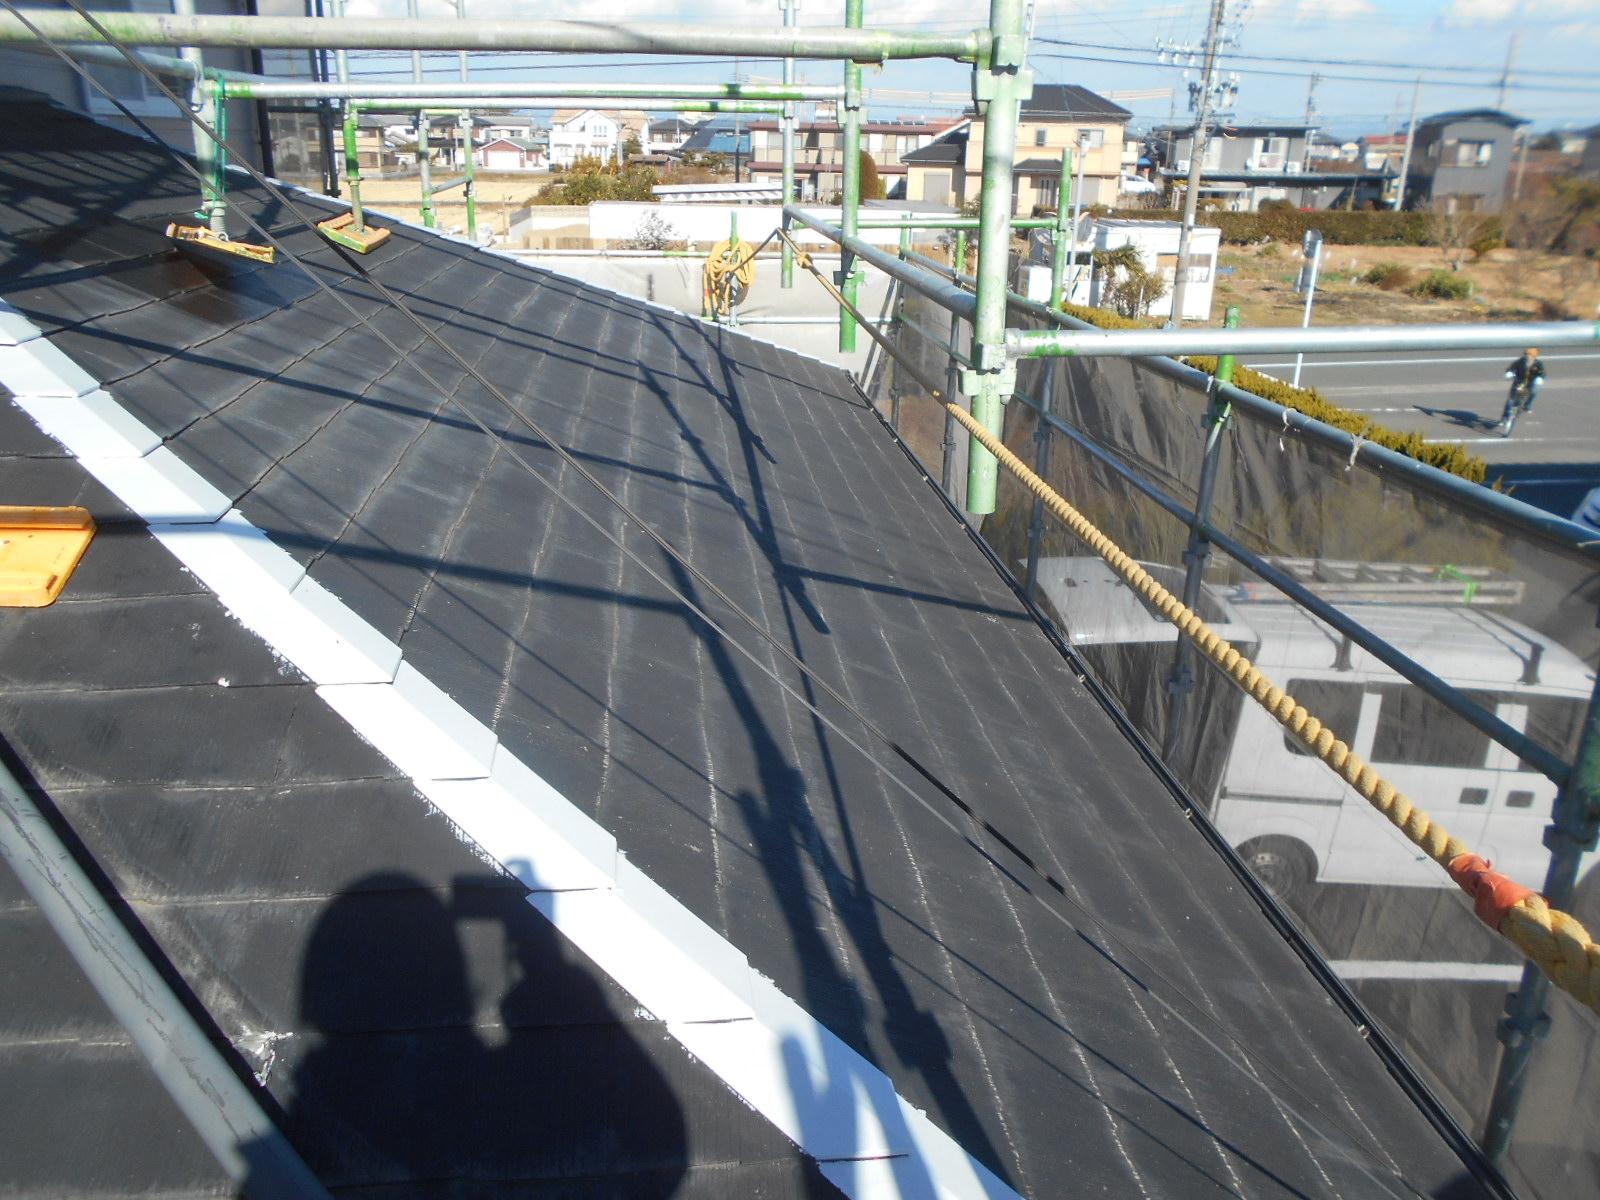 磐田市川袋S様邸 完成 [浜松市南区の加藤塗装]|外壁塗装、屋根塗装